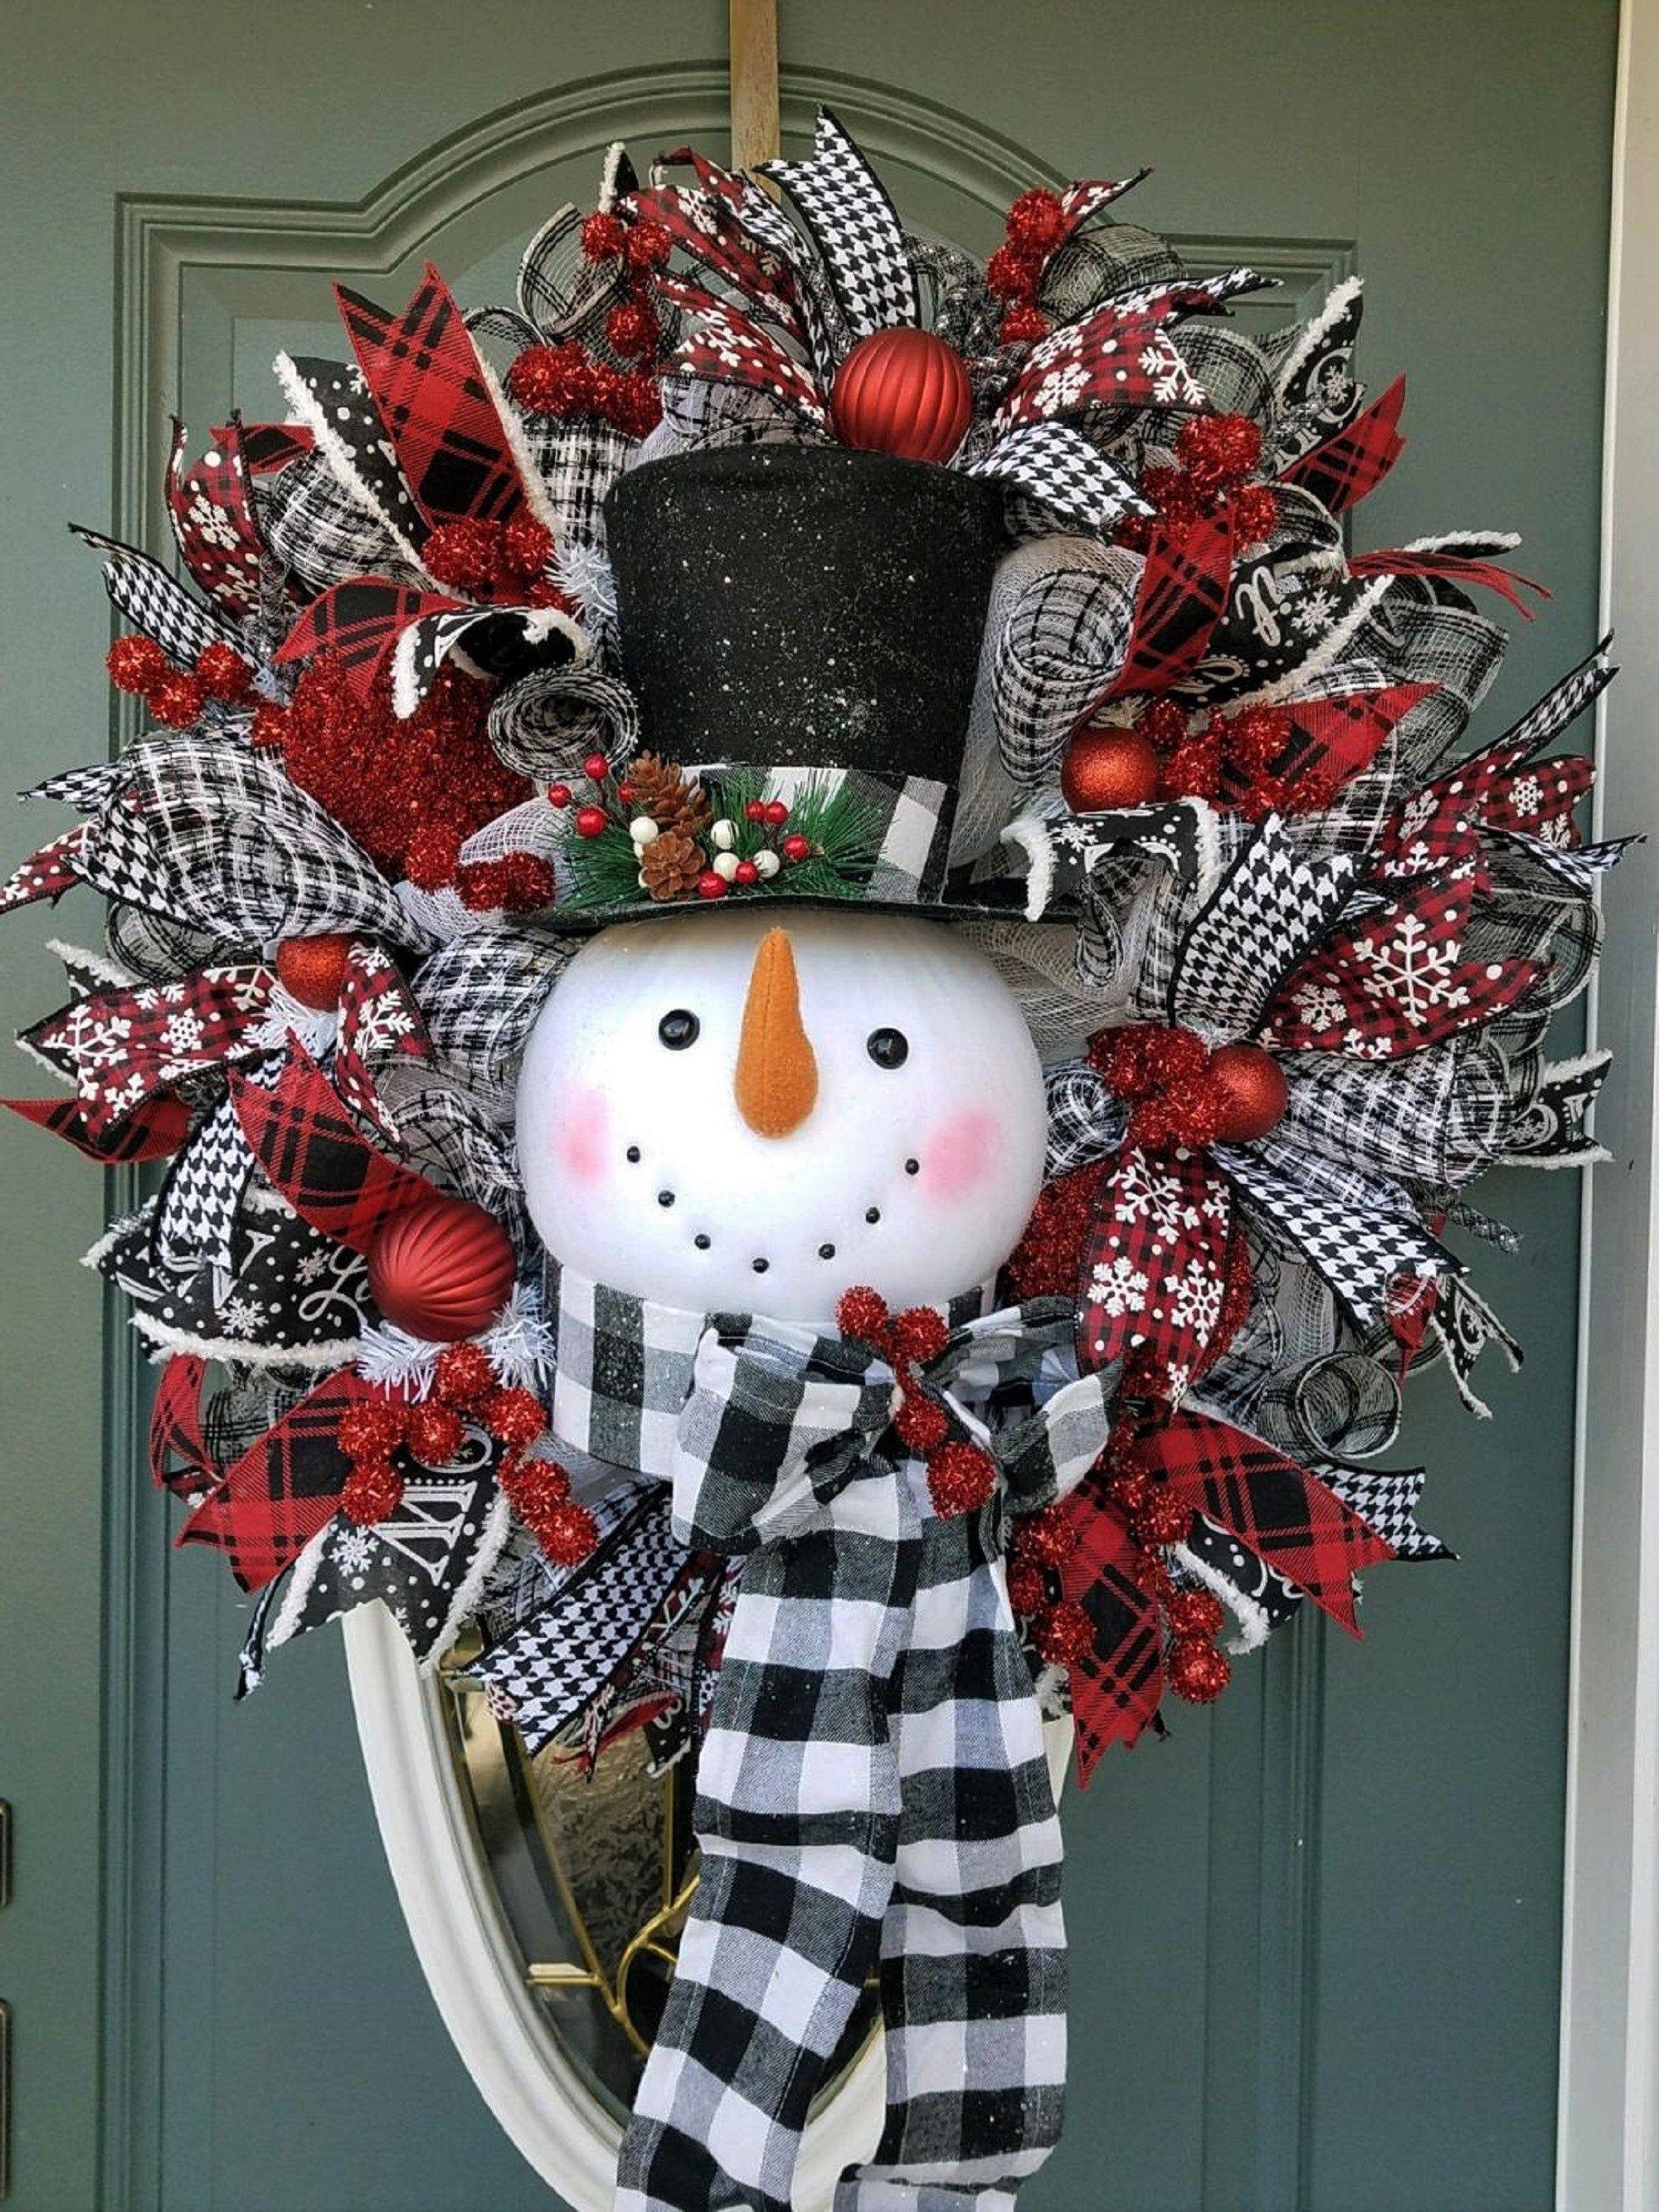 Christmas Wreath Snowman Wreath For Front Door Traditional Christmas Wreath Buffalo Plaid White Christmas Wreath Large Christmas Wreath Christmas Wreaths